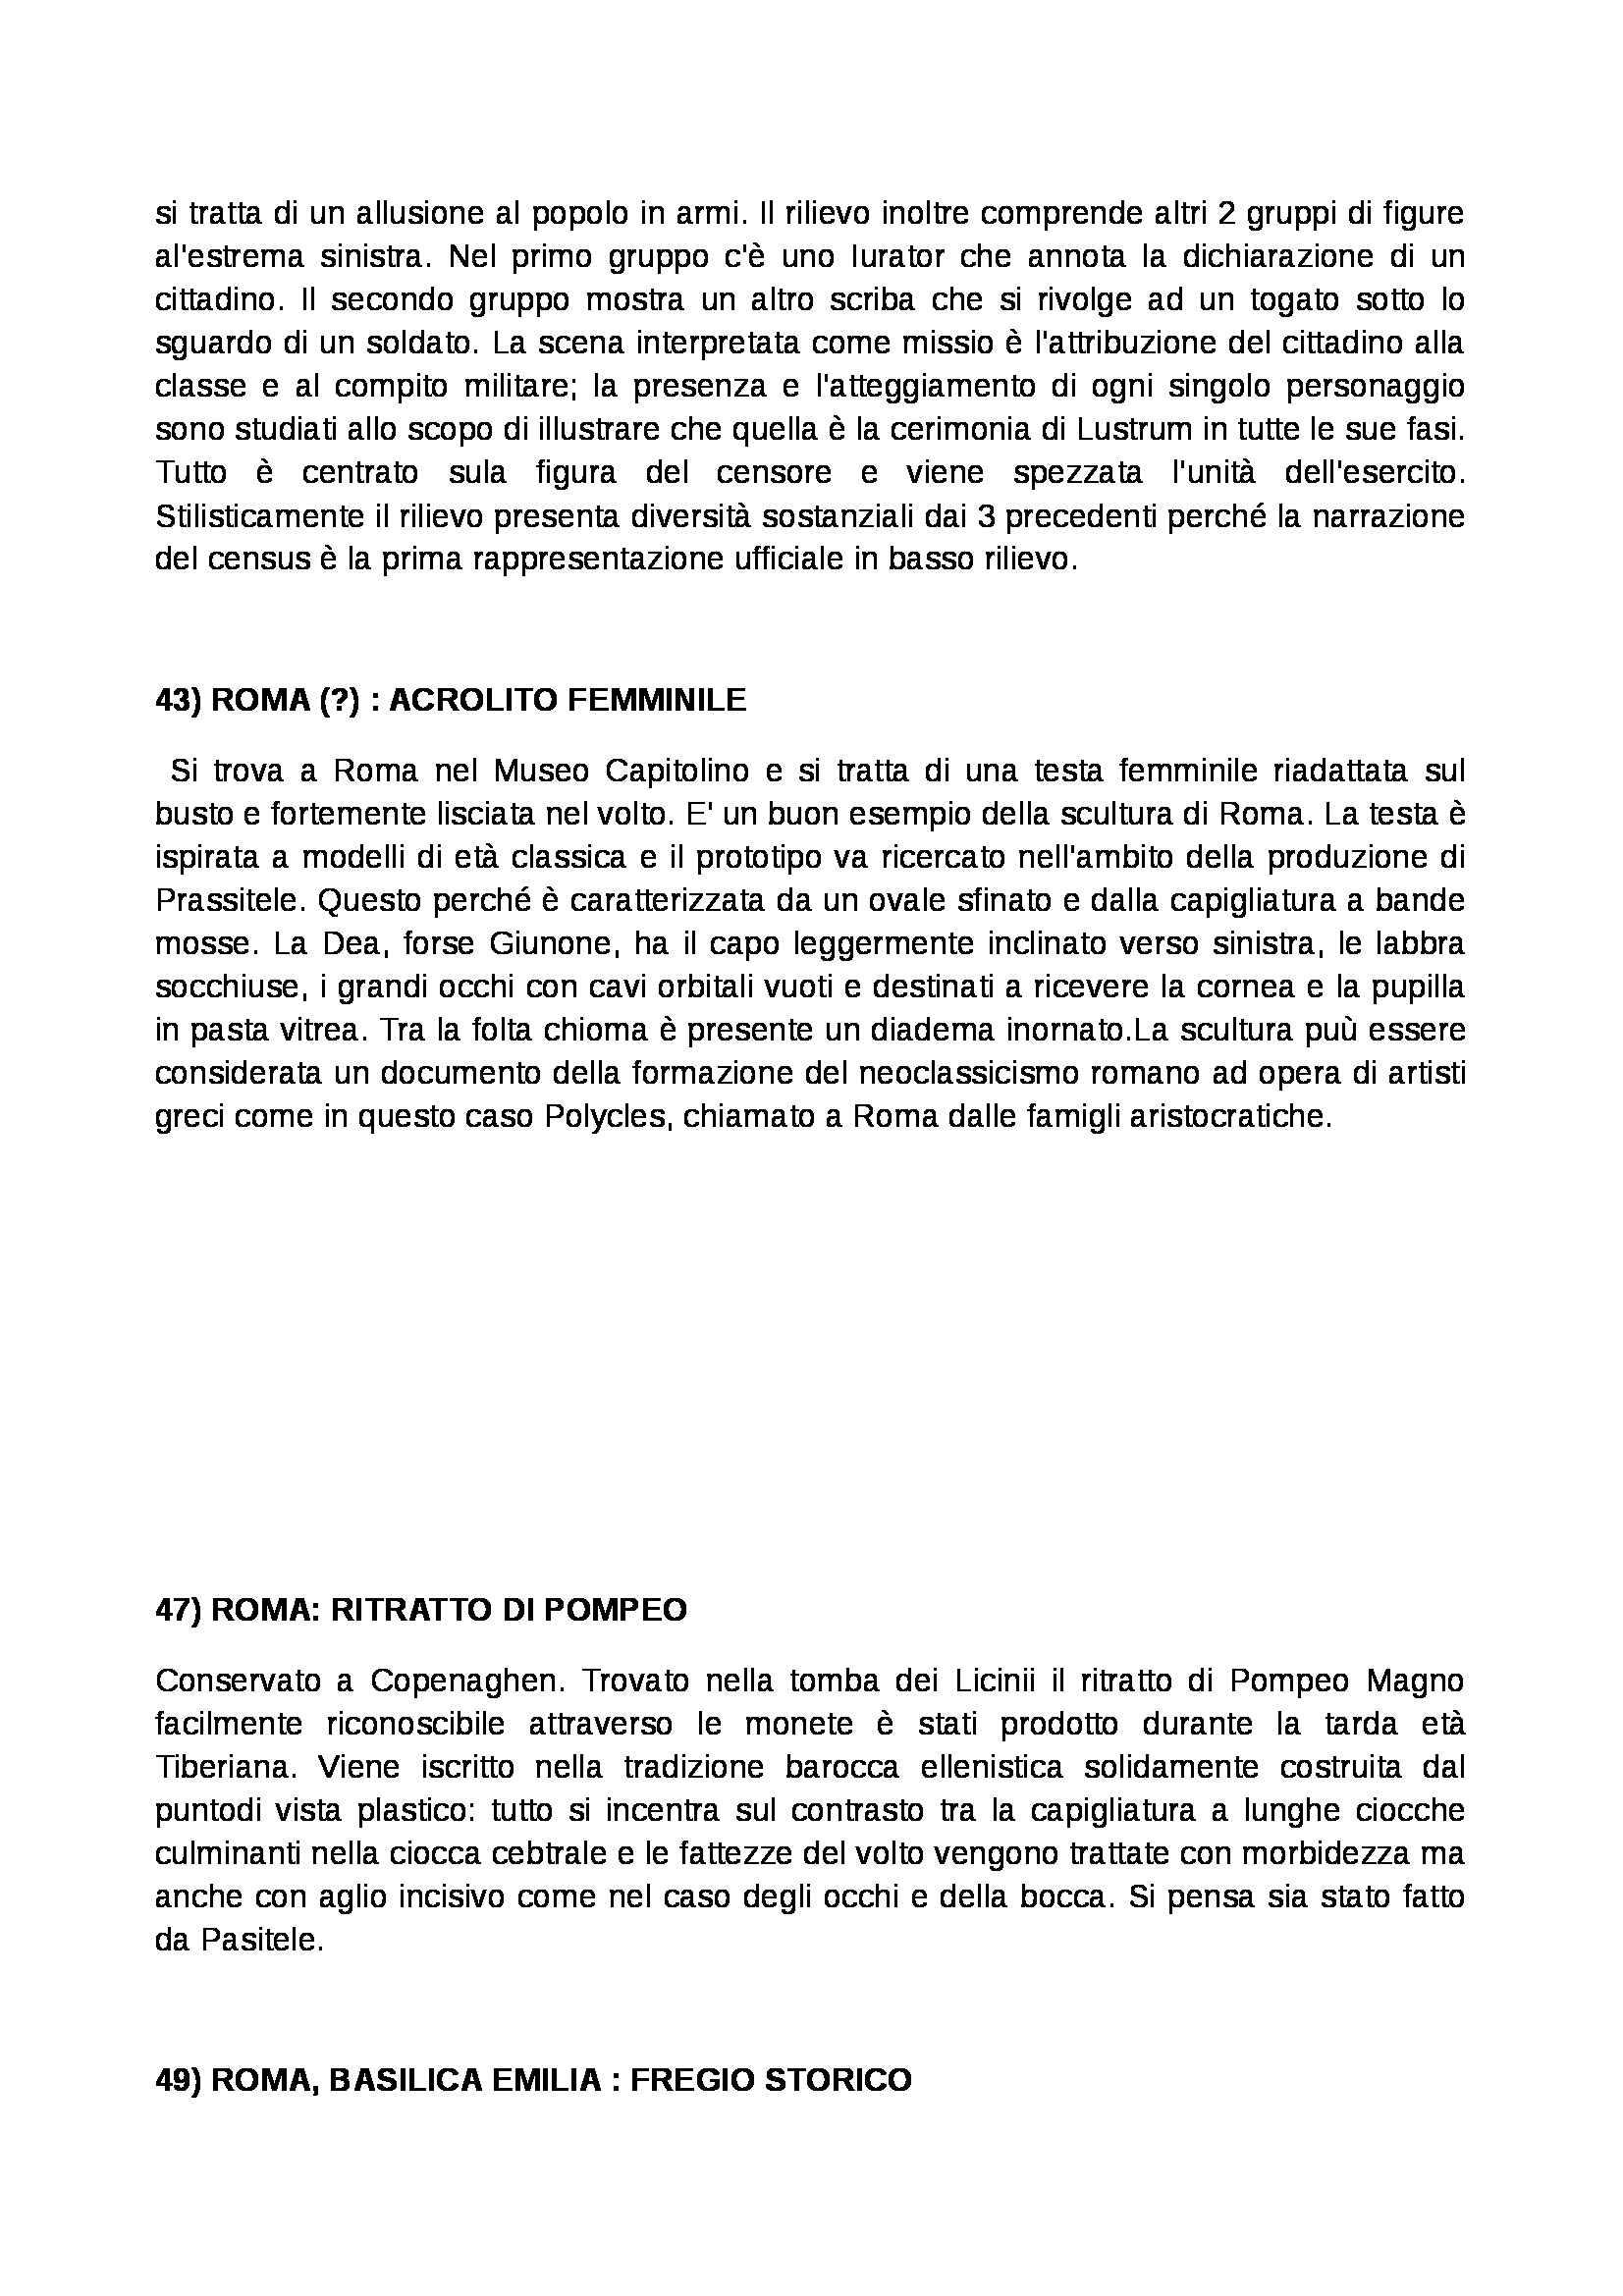 Archeologia e storia dell'arte romana - Appunti Pag. 11